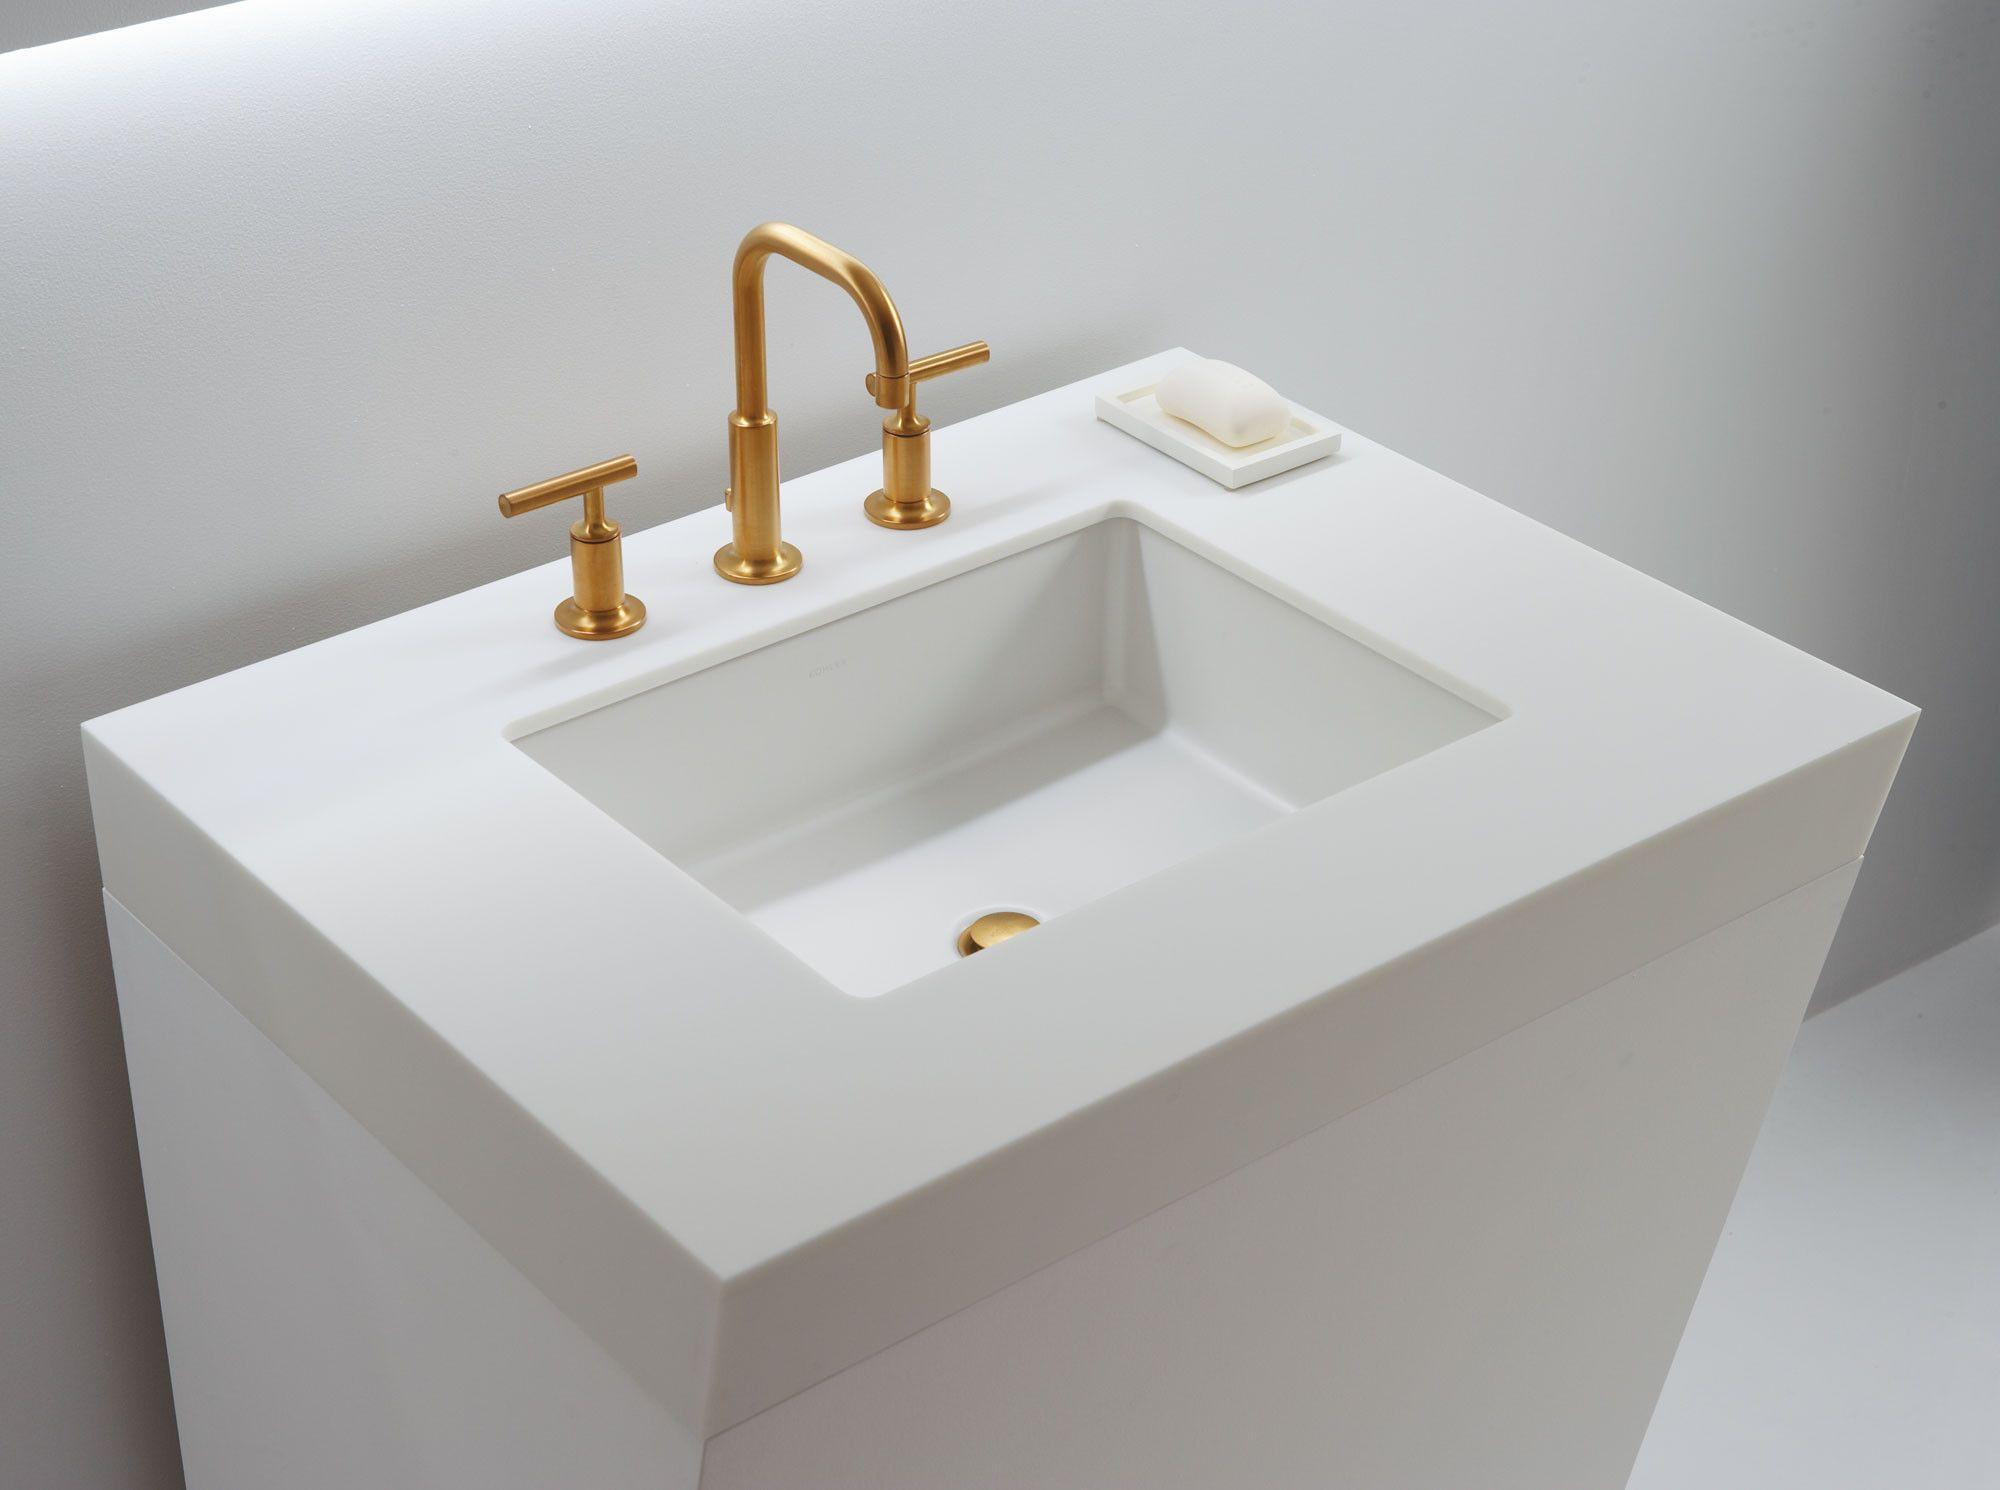 Verticyl Ceramic Rectangular Undermount Bathroom Sink With